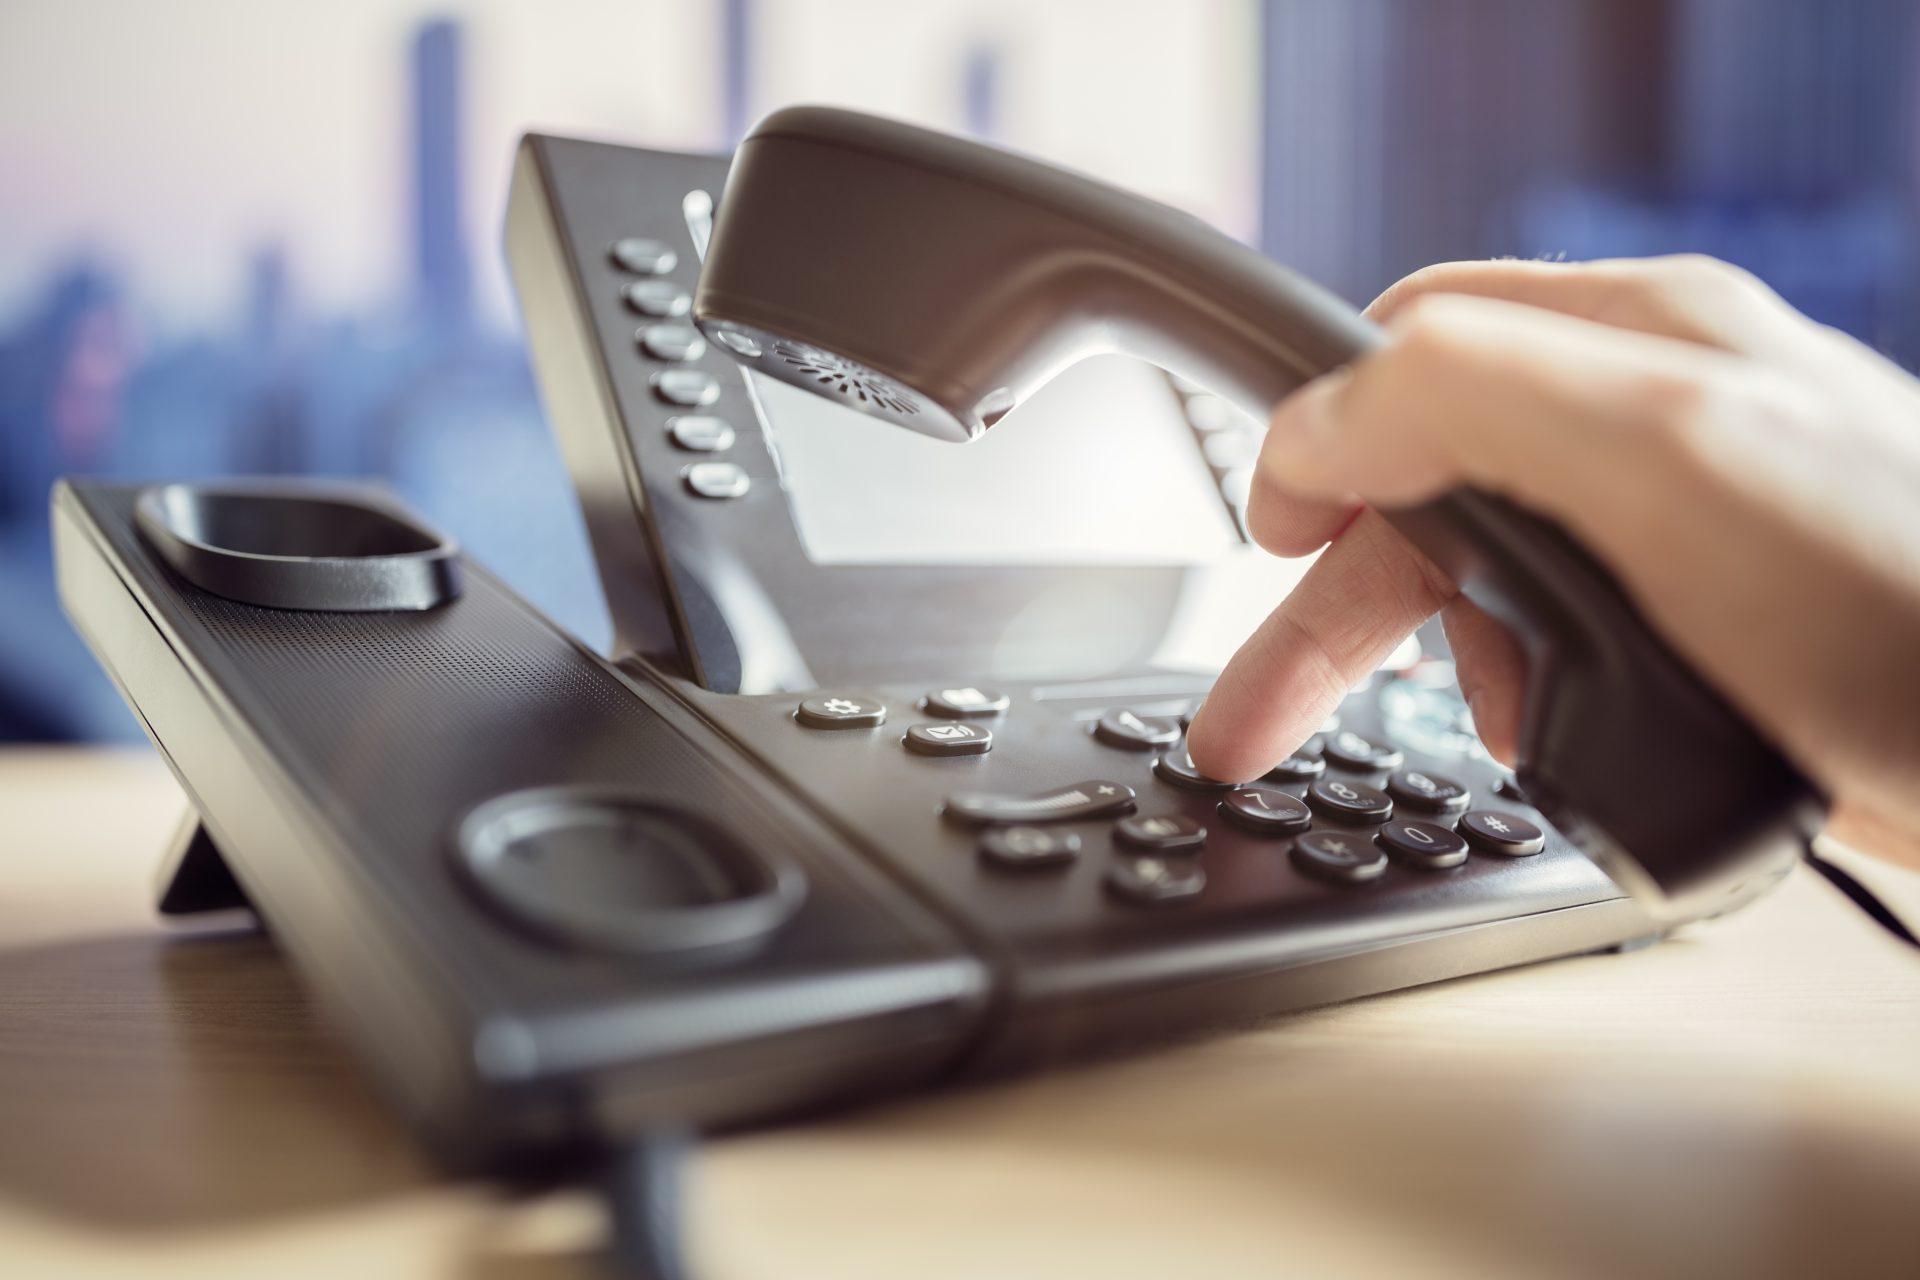 Marcar teléfono - Hospital Florencia